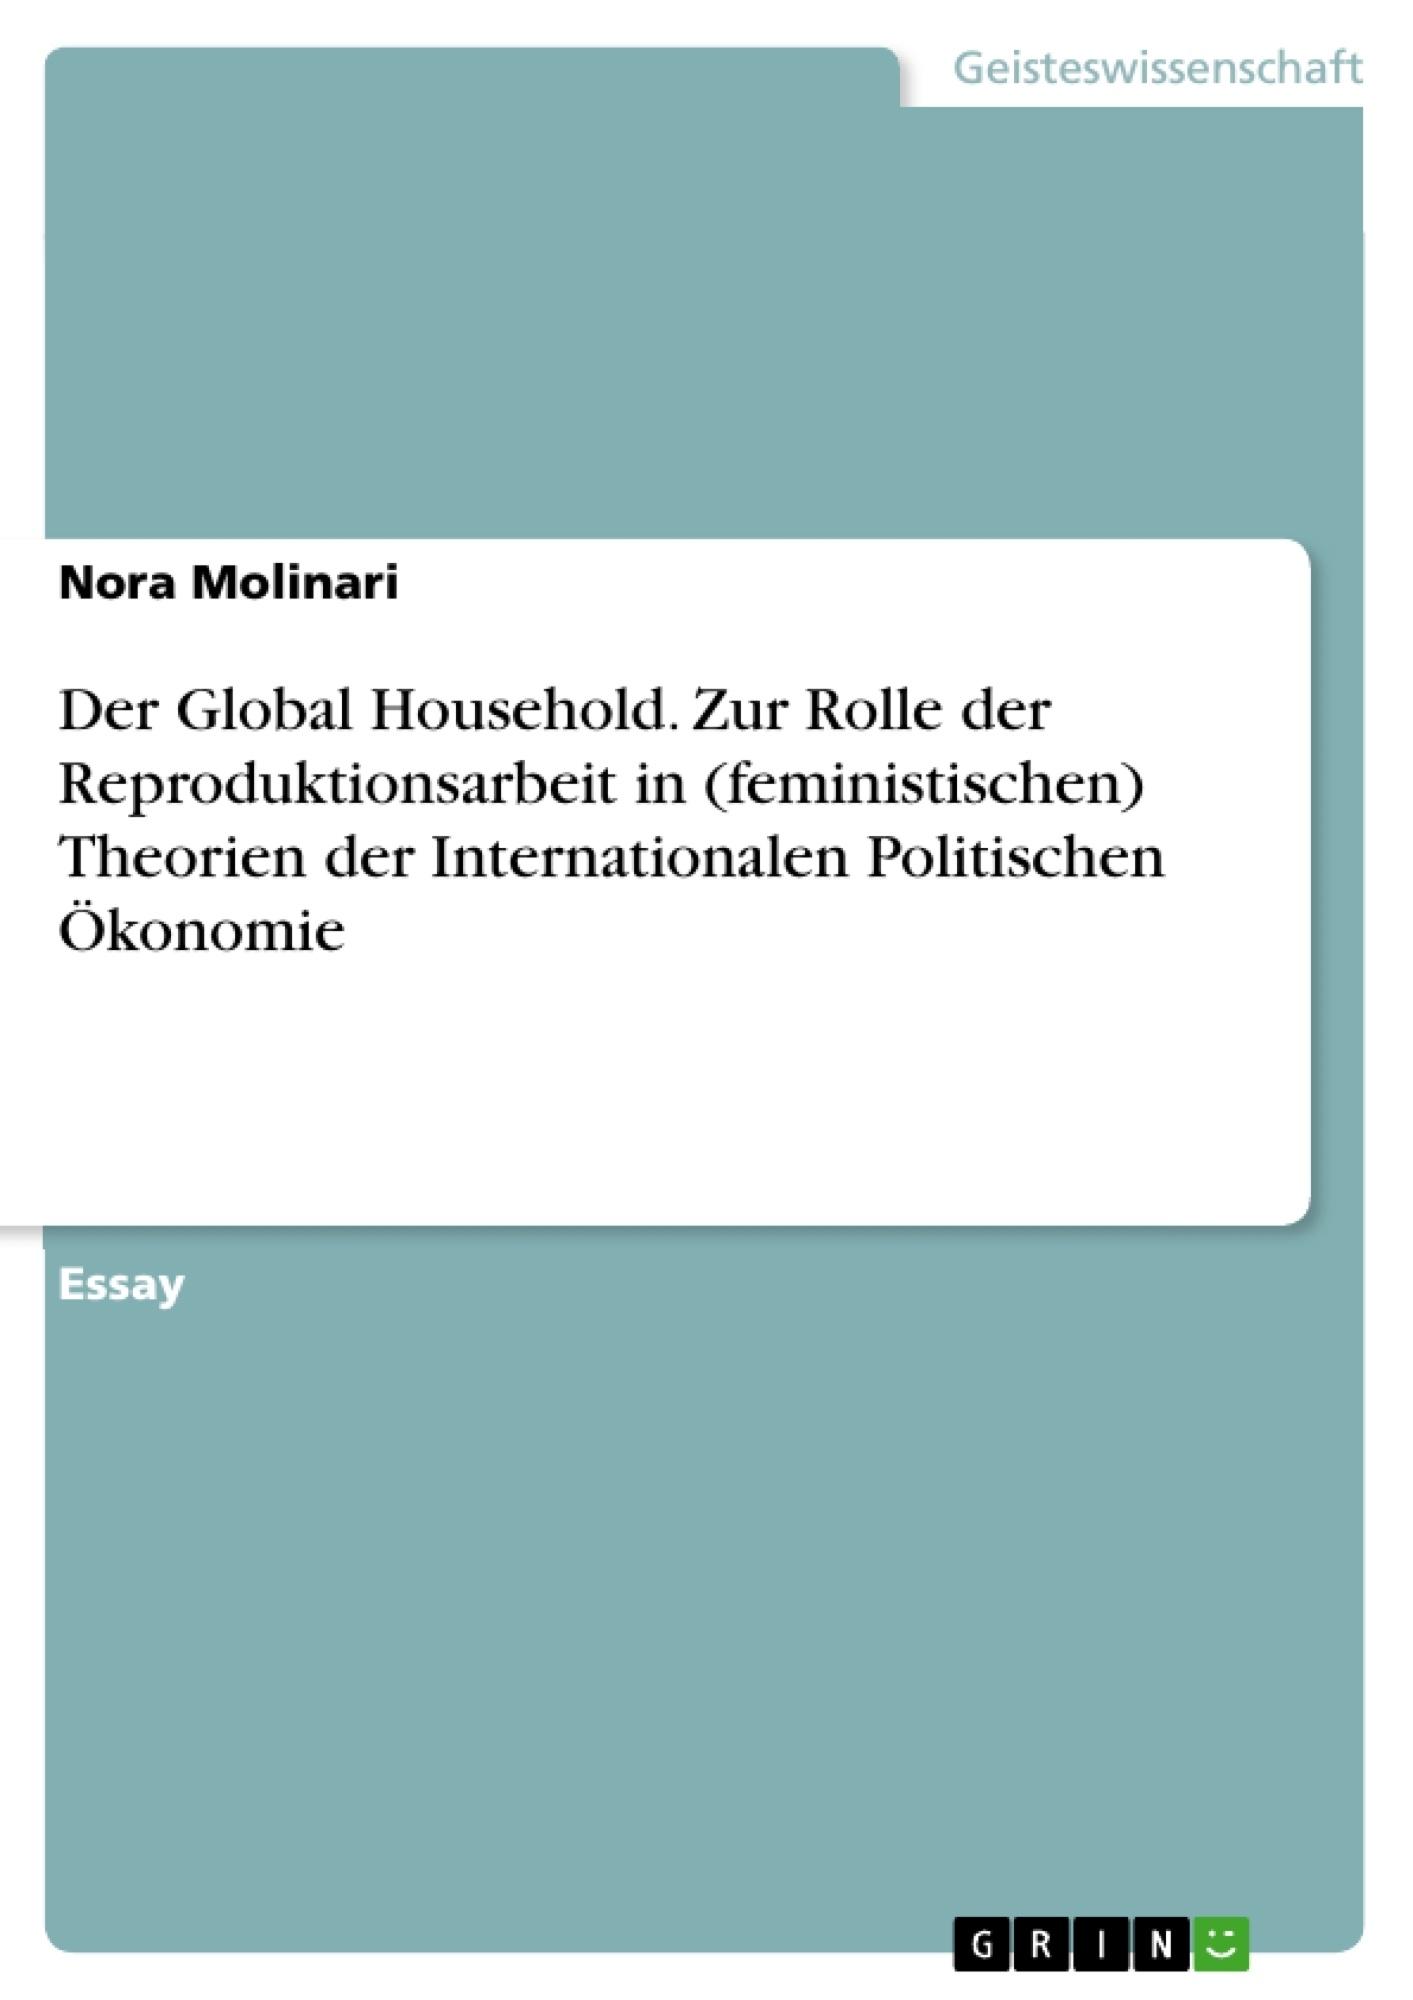 Titel: Der Global Household. Zur Rolle der Reproduktionsarbeit in (feministischen) Theorien der Internationalen Politischen Ökonomie